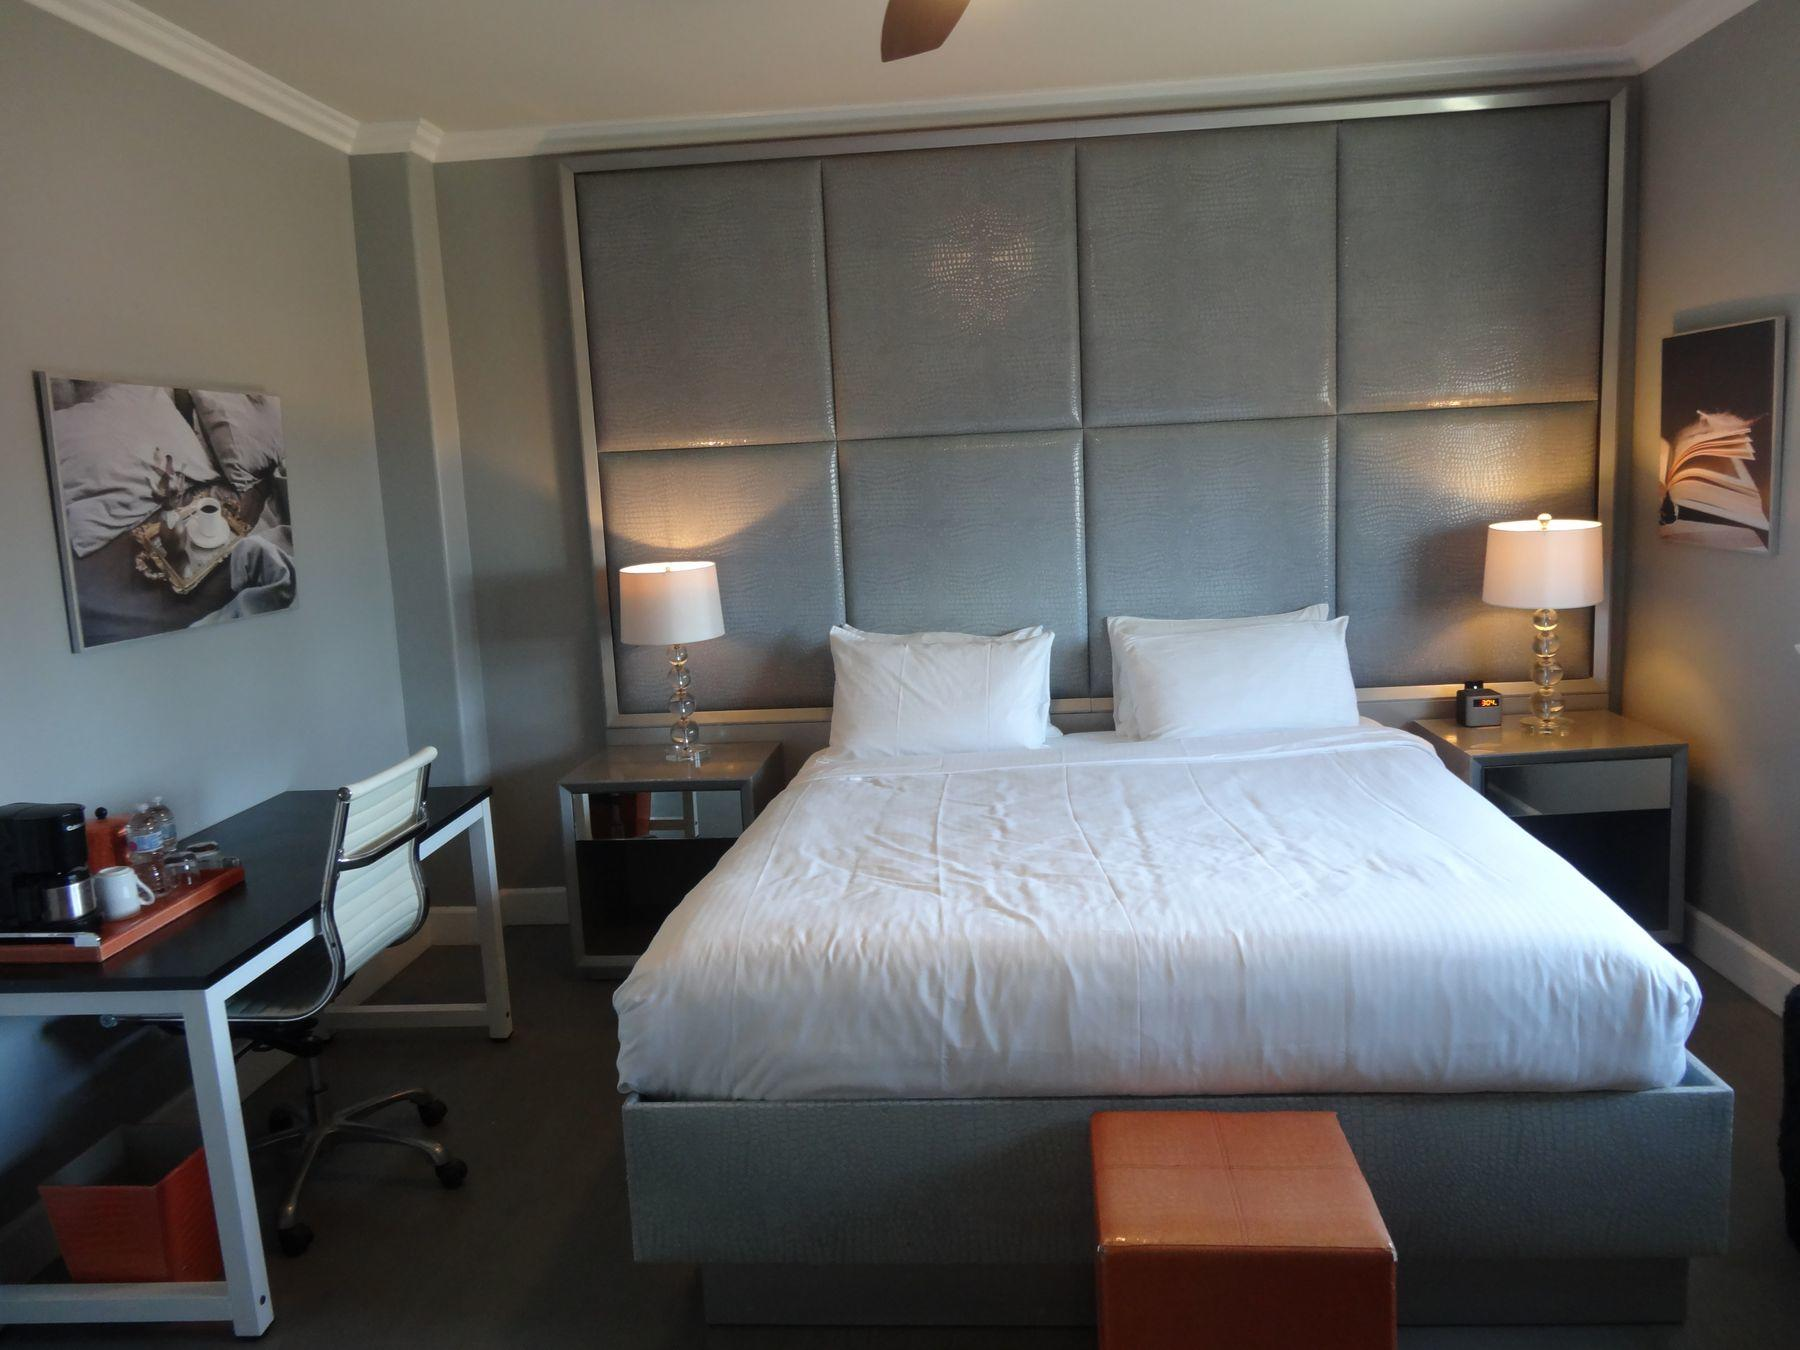 room with grey headboard